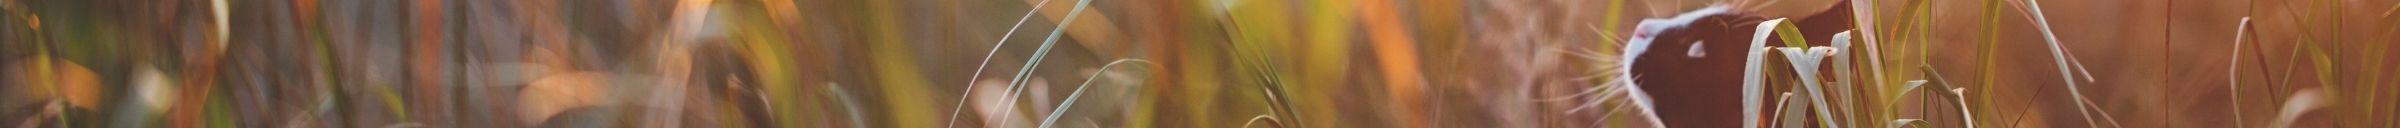 kintone ポータル スペース カバー画像(猫シリーズ)146